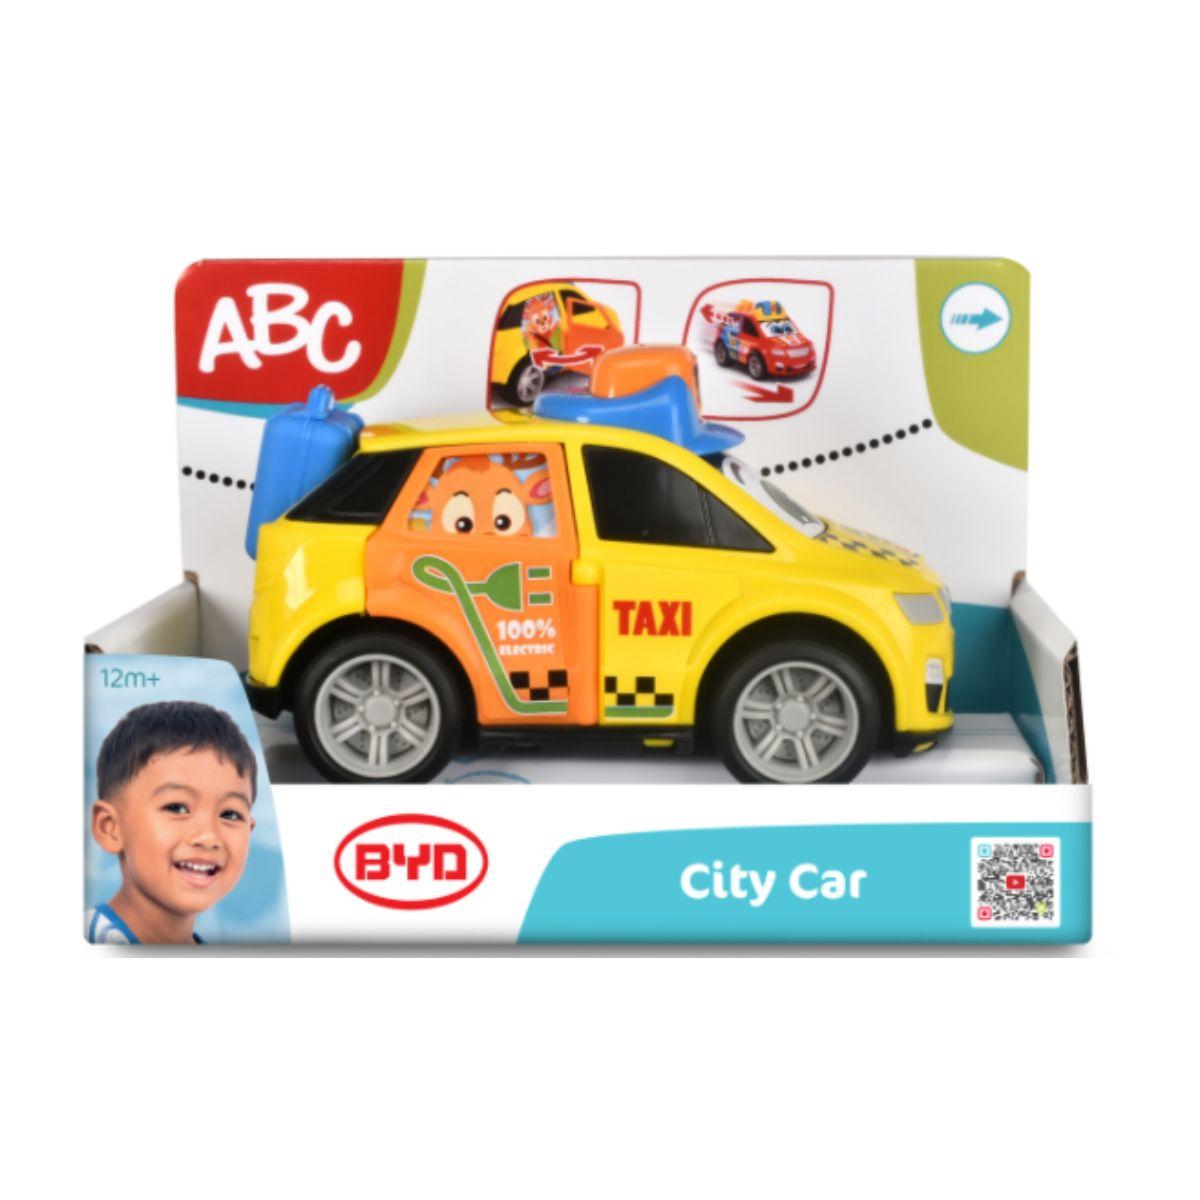 Jucarie bebelusi, masinuta, Abc, Byd City Car, Taxi